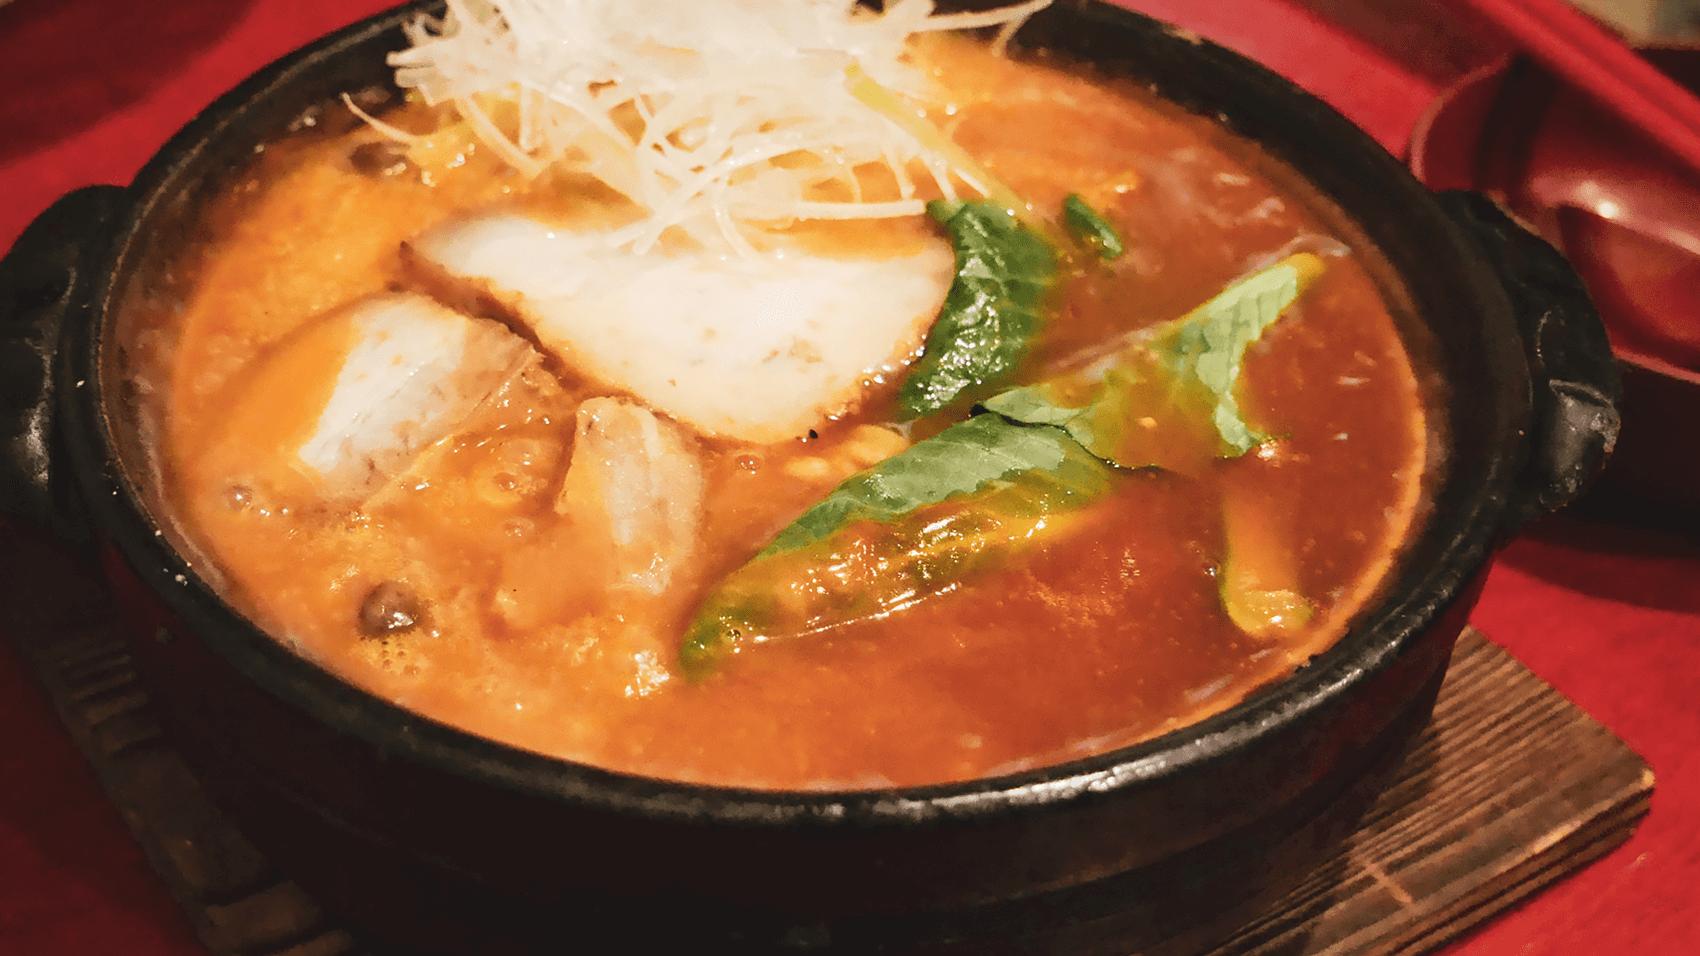 身も心も紅に染まる!?駒川商店街にある「お多ふく」でトマトラーメンを食す